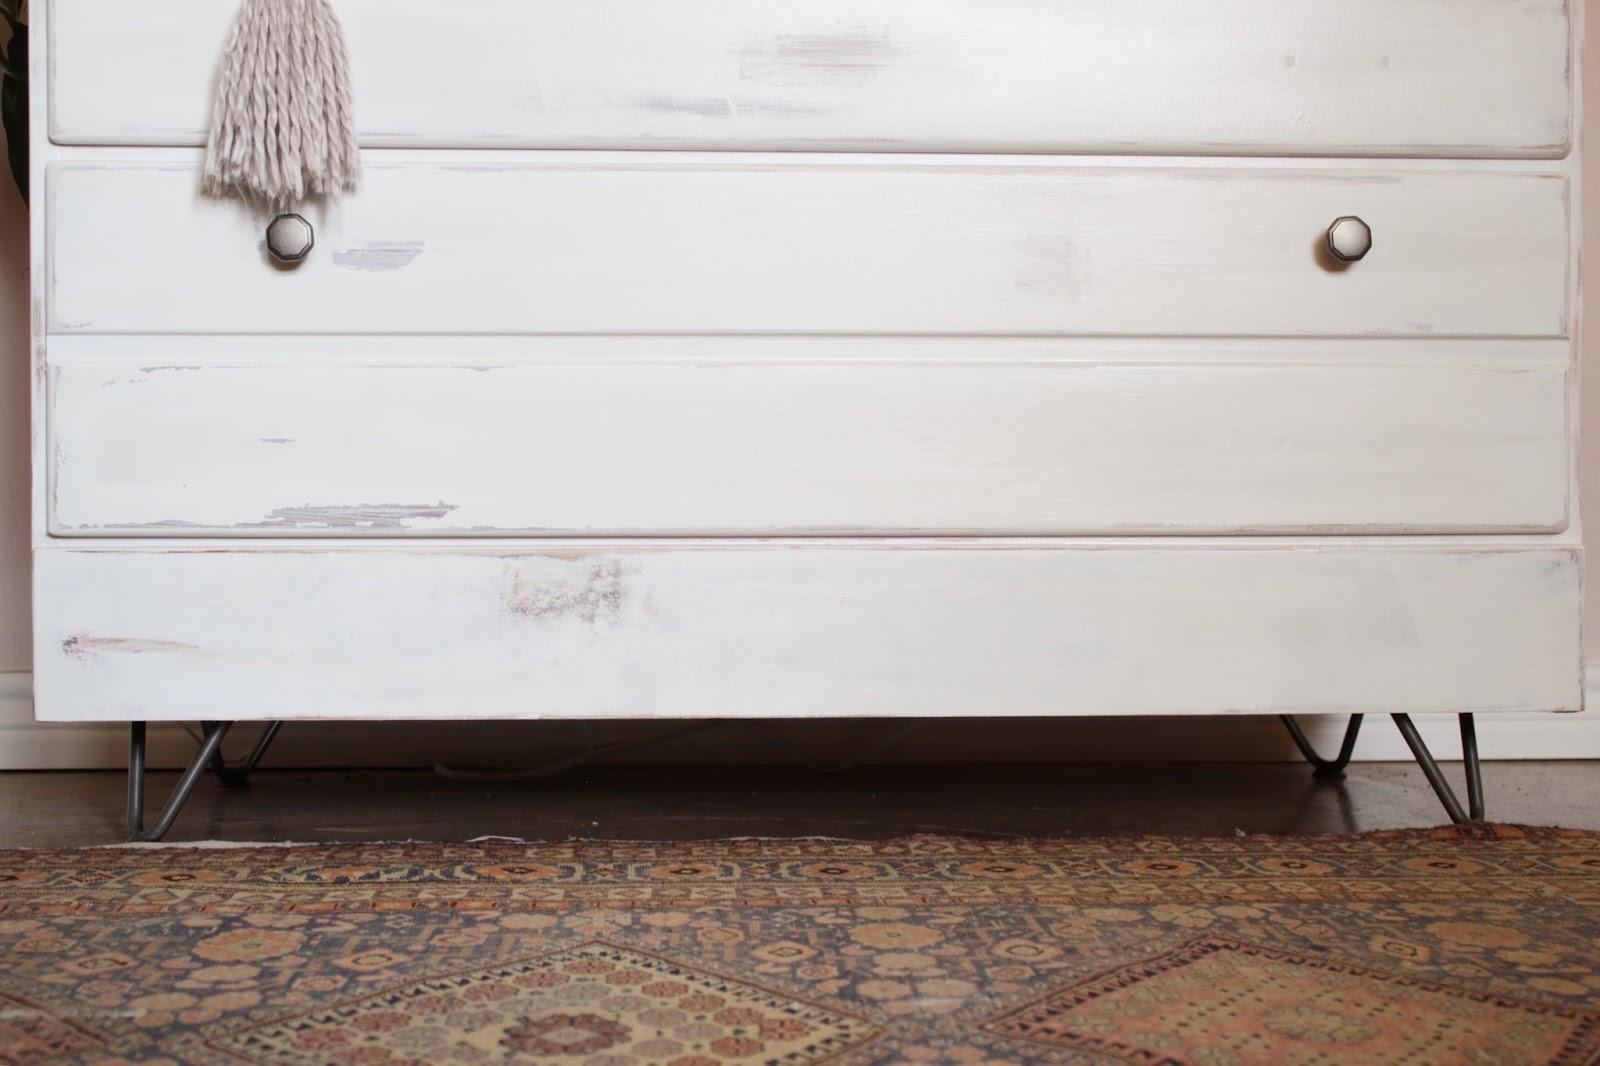 House Homemade:Hairpin leg dresser makeover